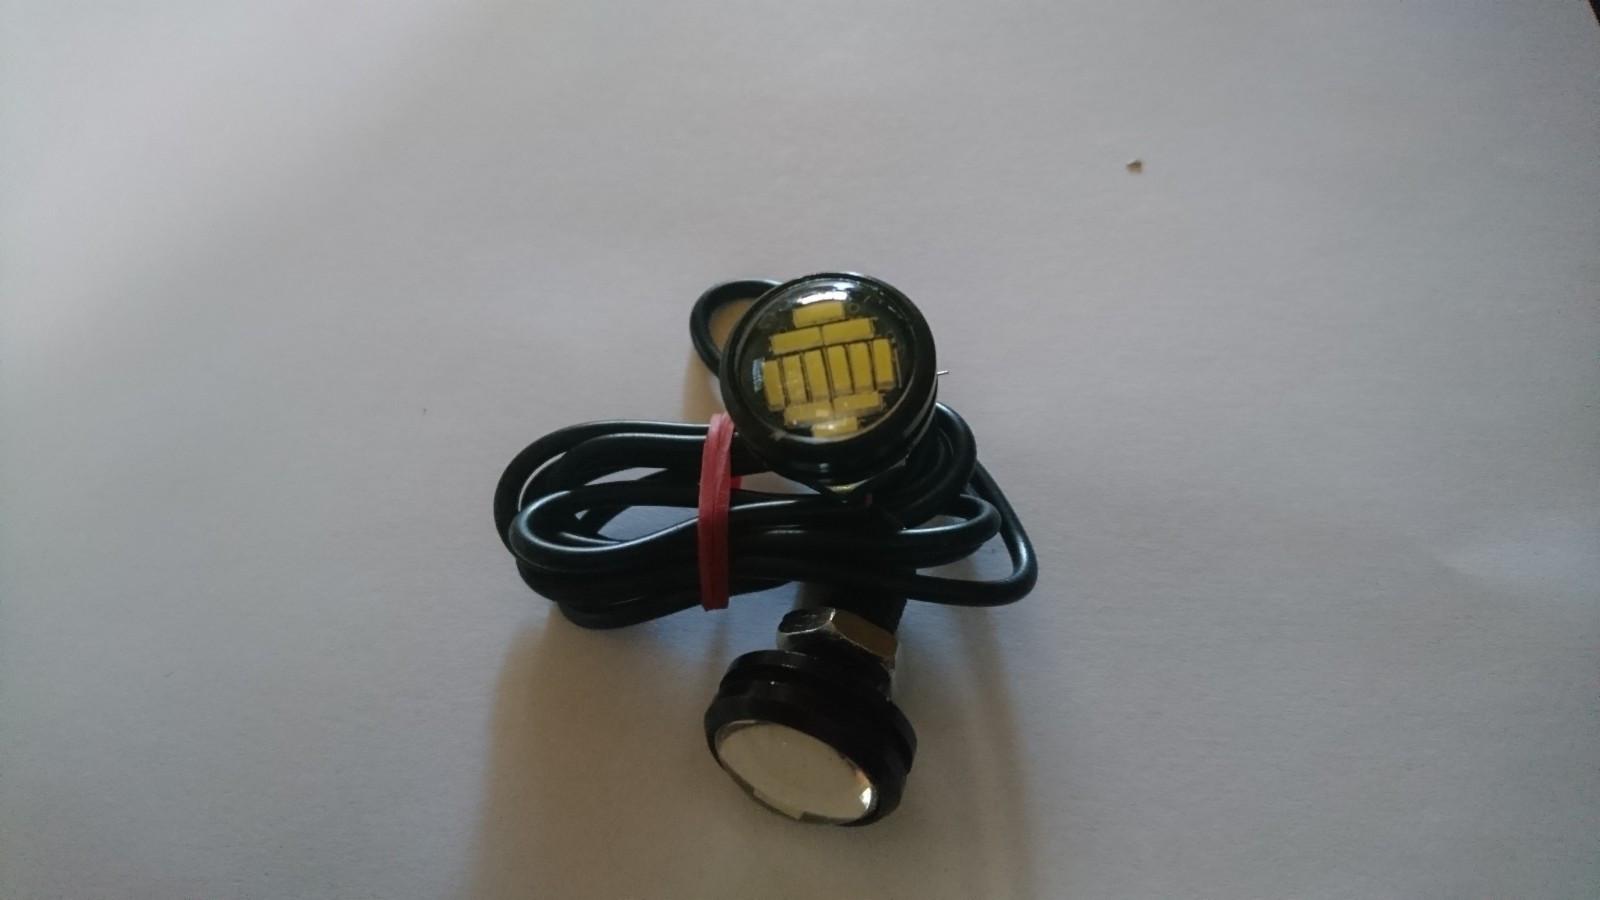 Led lys strips 12-24v, Led Linselys led skiltlys,panel 6-12-18-24, markøre lys - Nannestad  - Led Linselys 10W-12W- 15W i aluminium 6000-7000K 20mm.10mm bolt feste 1m ledning vanntett 150kr Led skiltlys 6w 36mm 6000-7000K 2stk 100kr Led strips 24 hvitt-blått-rødt-grønt-gult neon lys.12v-24v. 30kr per stk Led strips 48 - Nannestad